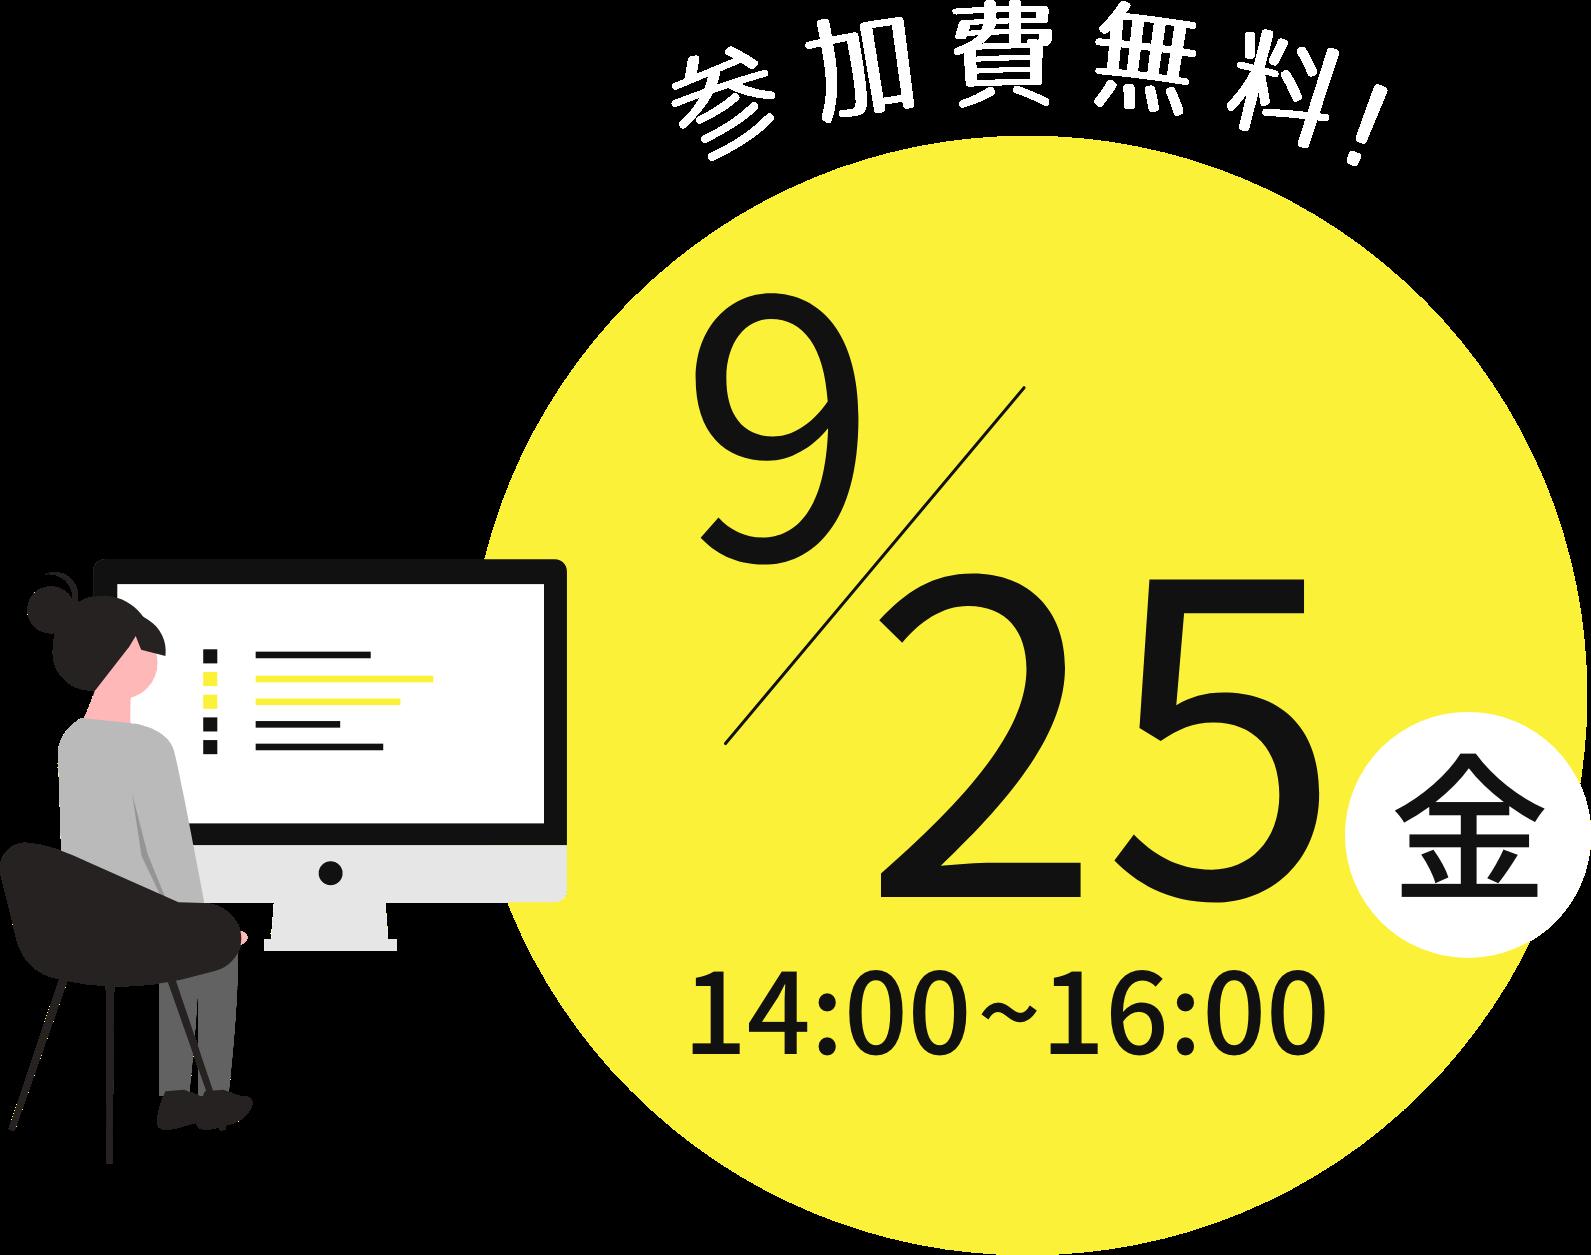 参加費無料!9/25(金)14:00〜16:00開催